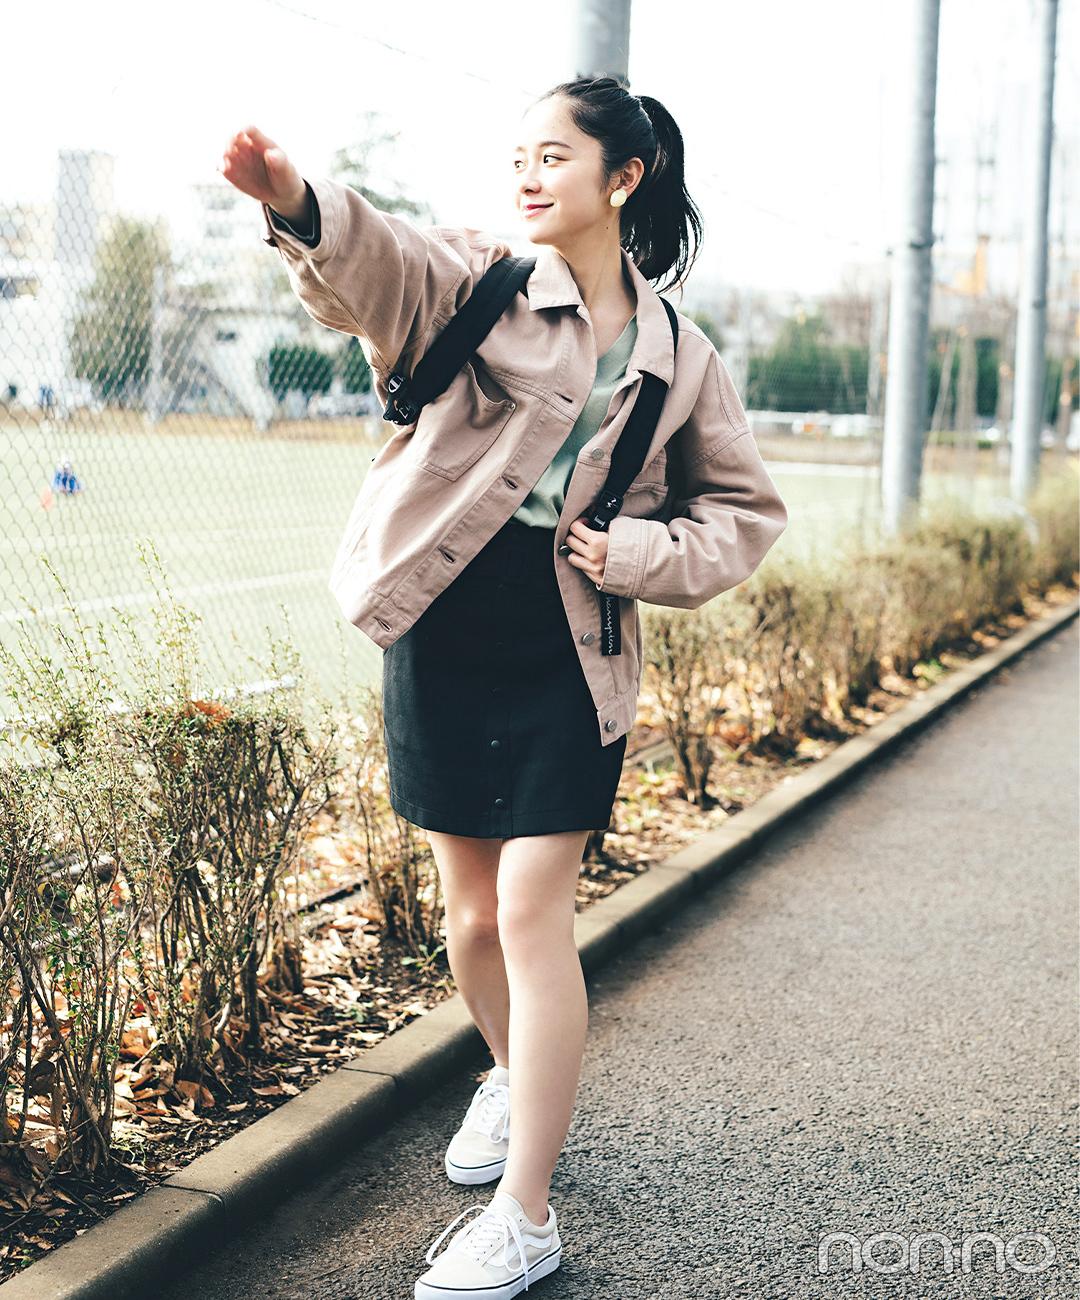 透明感と可愛さ極まる! 堀田真由フォトギャラリー_1_18